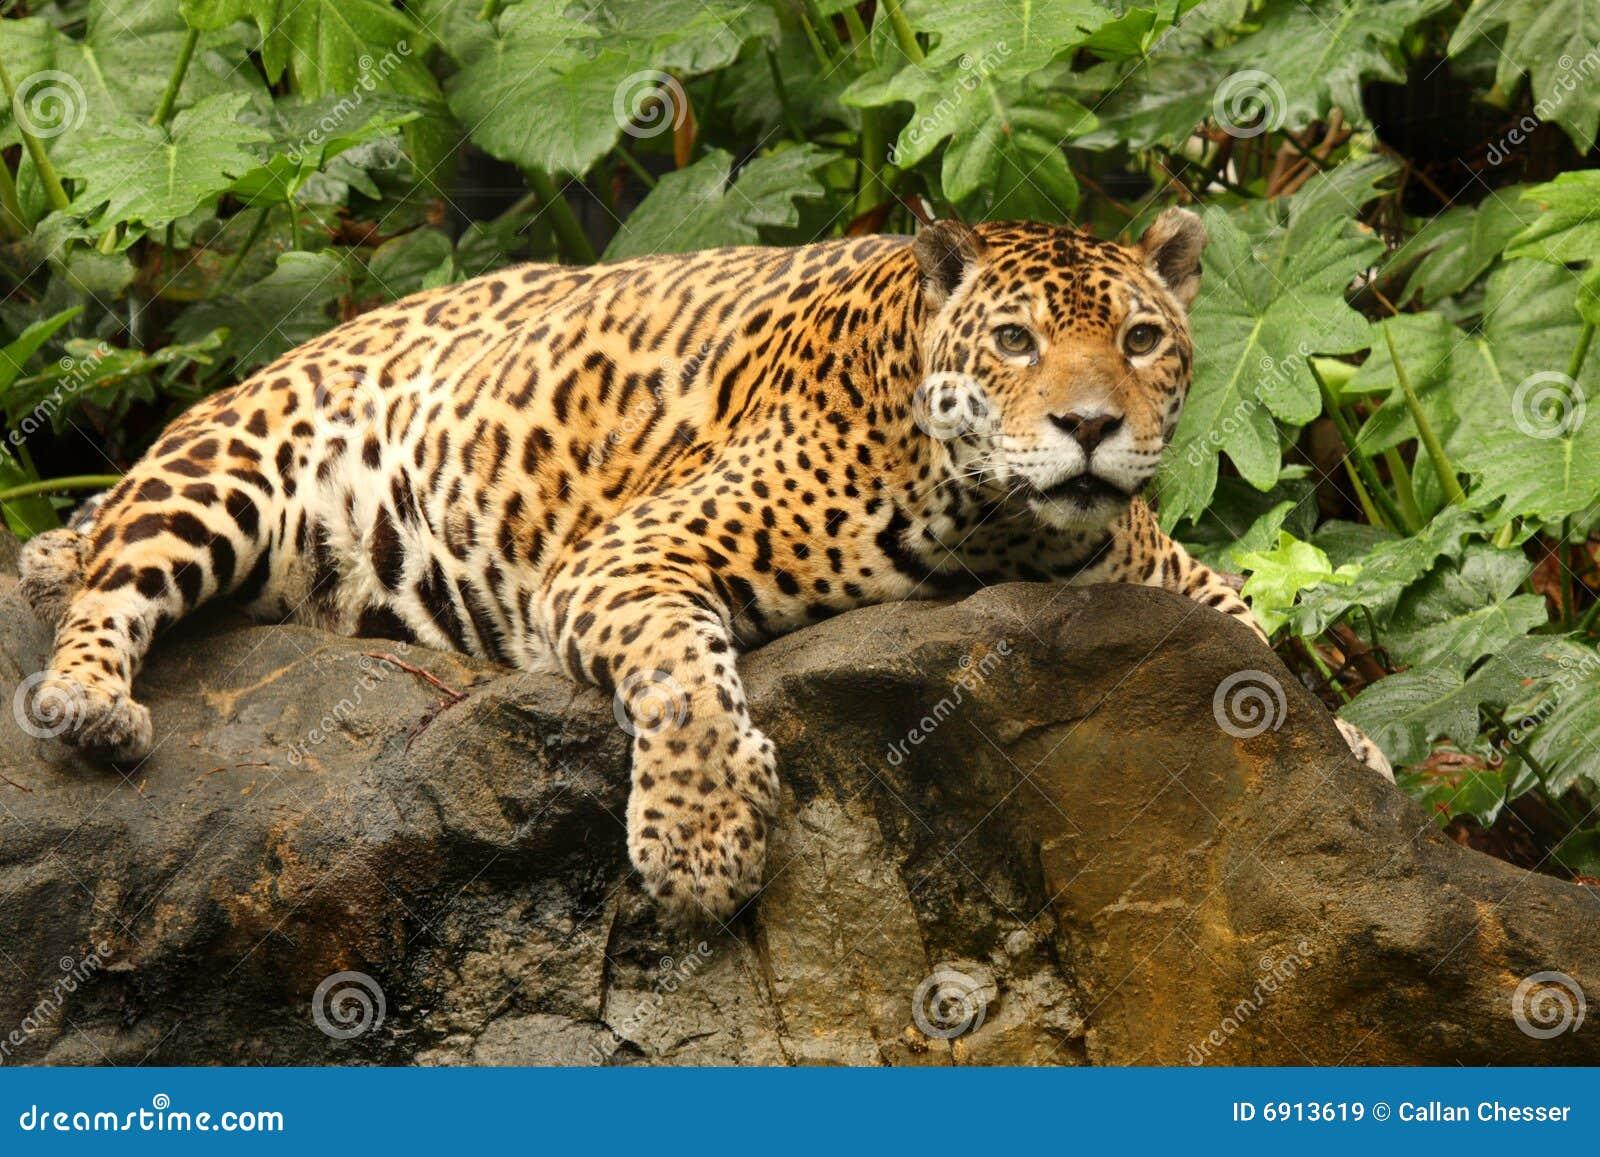 фото мужчины ягуара